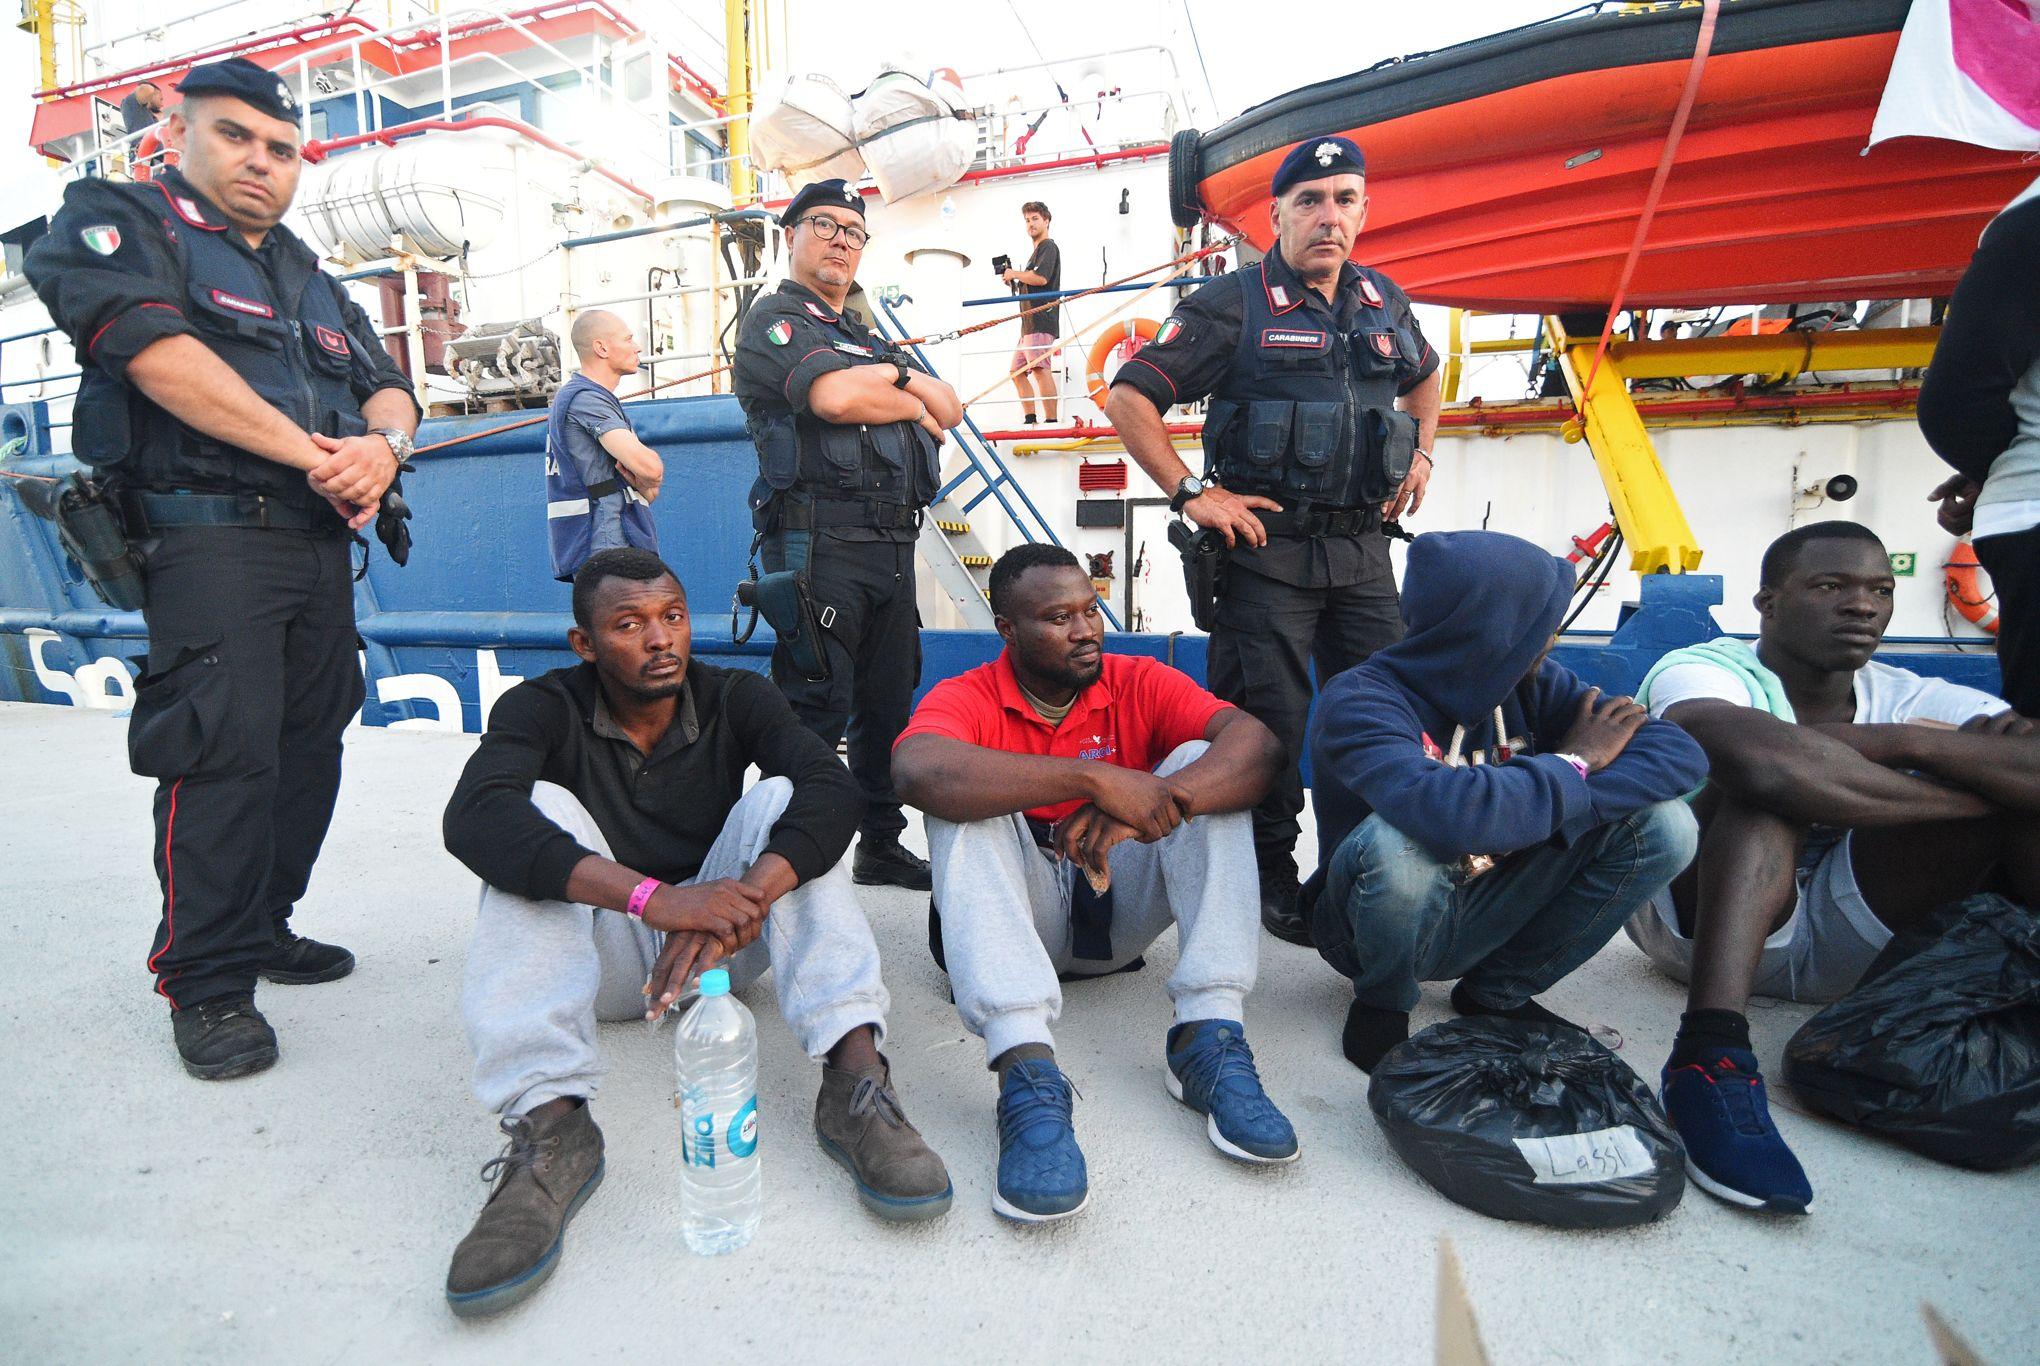 """Résultat de recherche d'images pour """"Des policiers italiens aux côtés de migrants après leur débarquement du navire Sea-Watch 3 à Lampedusa dans la nuit de vendredi à samedi"""""""